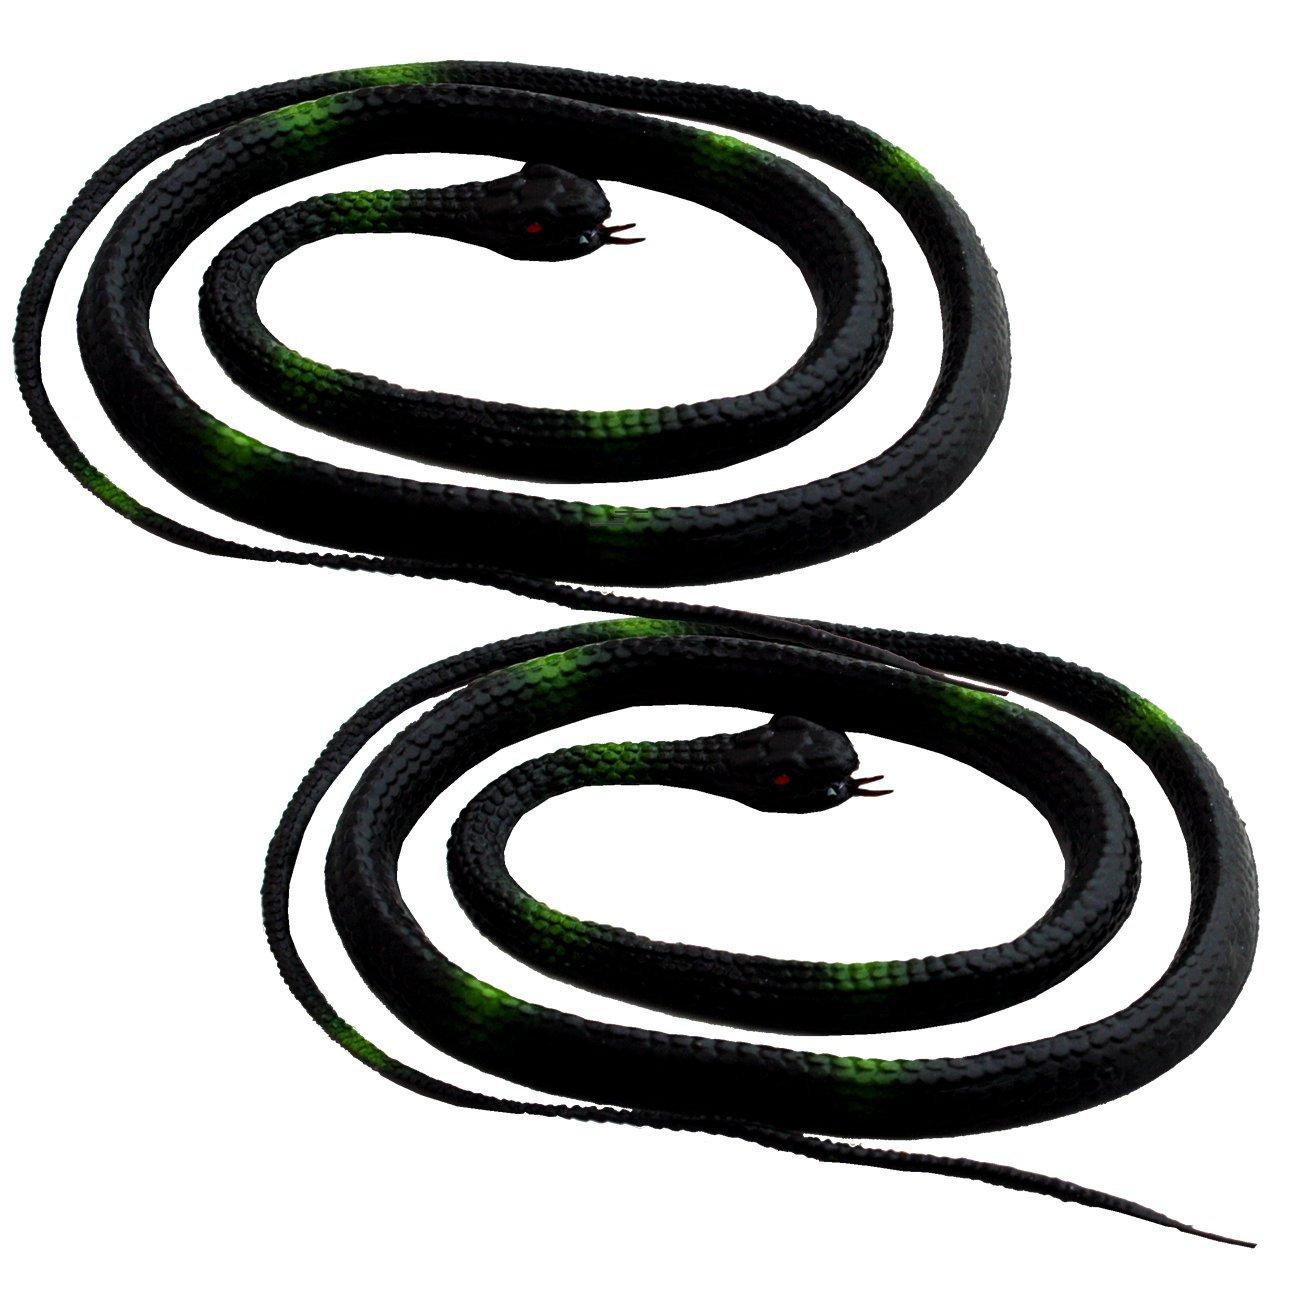 2 x Schlange 1 Meter lang Deko Gummischlange Gummi Partygag Scherzartikel Noname